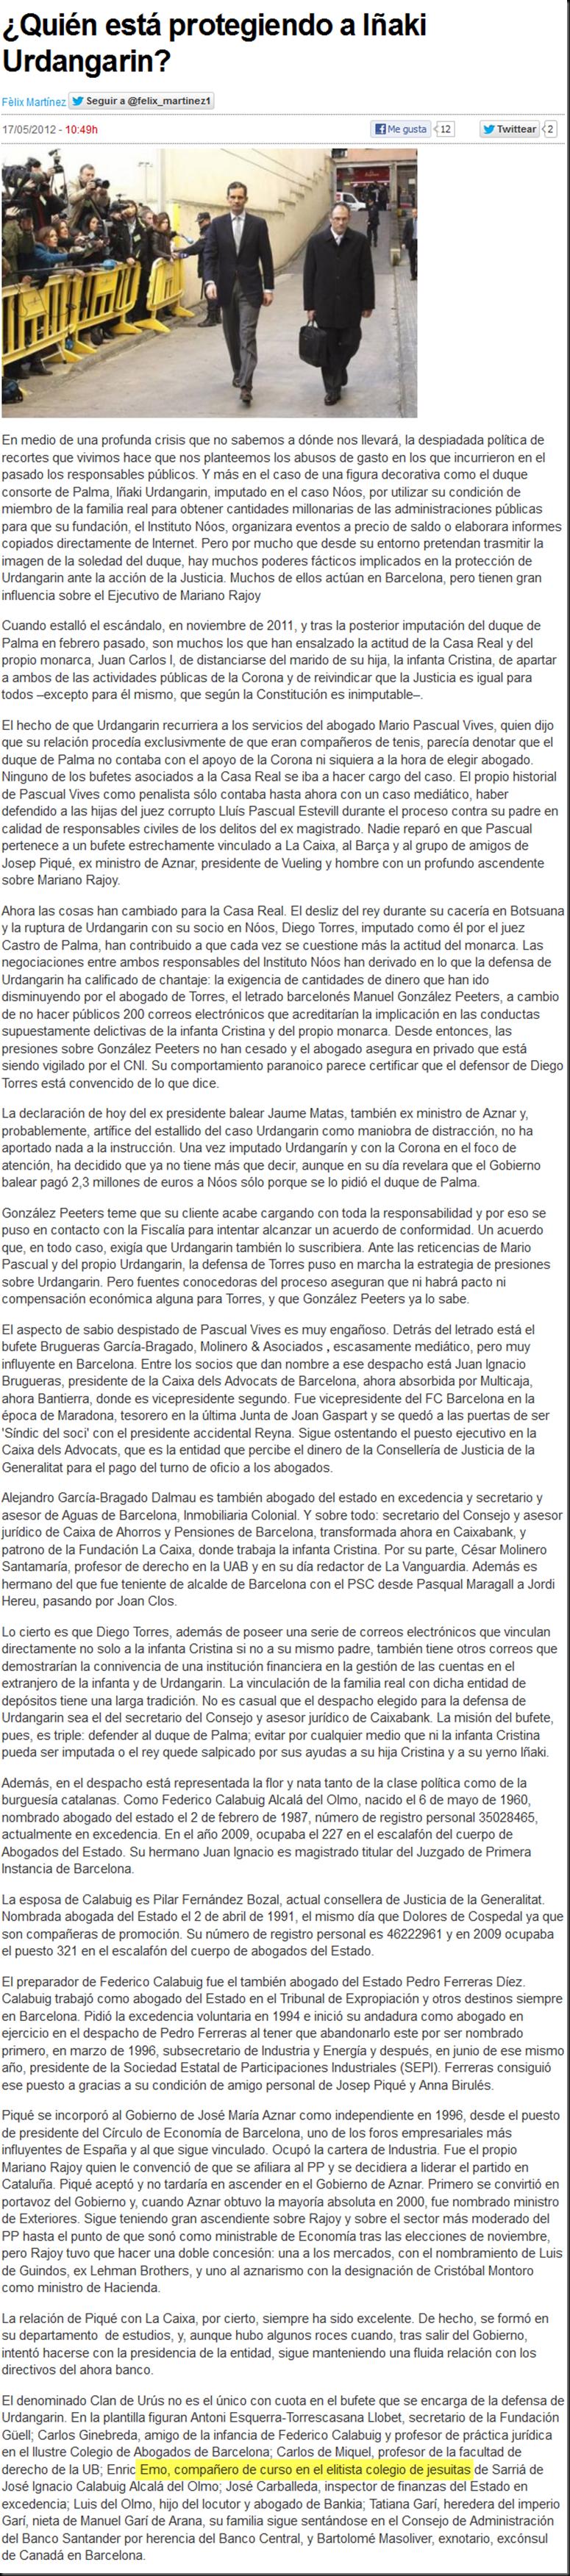 Diego Torrres e Iñaki Urdangarin: Profesor y alumno de la jesuita ESADE (Caso Noos) Image_thumb39